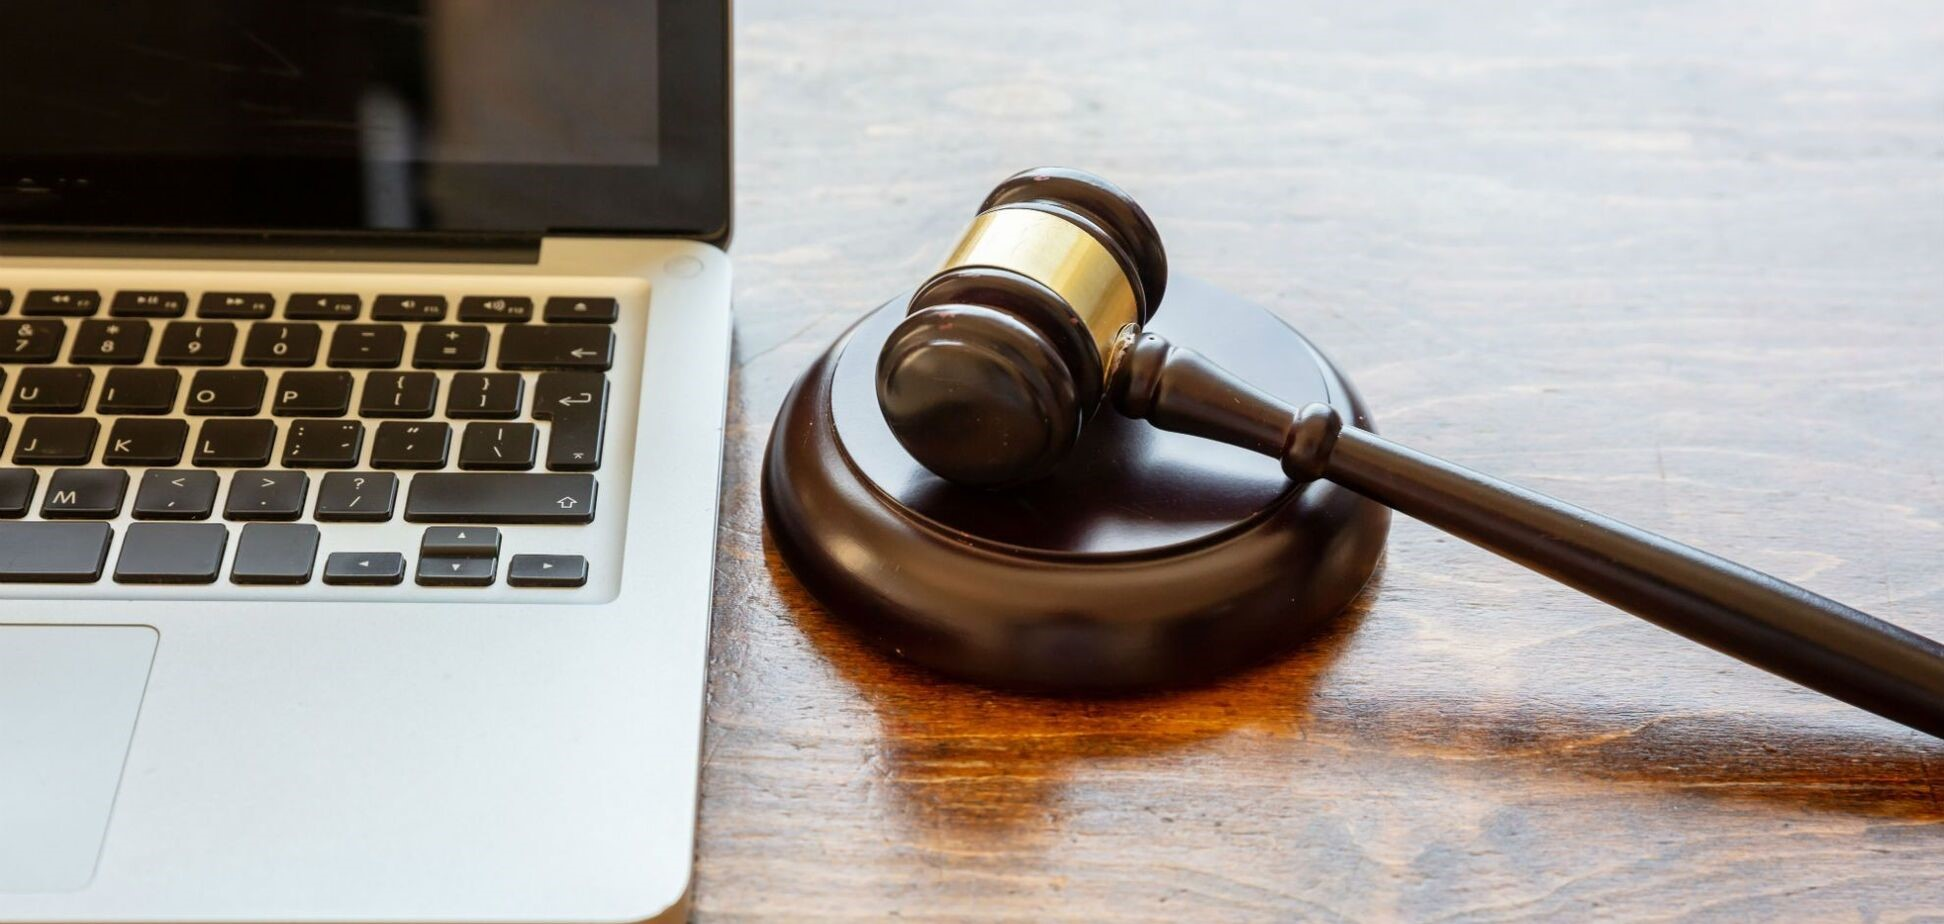 В Україні з'явиться суд просто в телефоні: що зміниться? - Фото 1